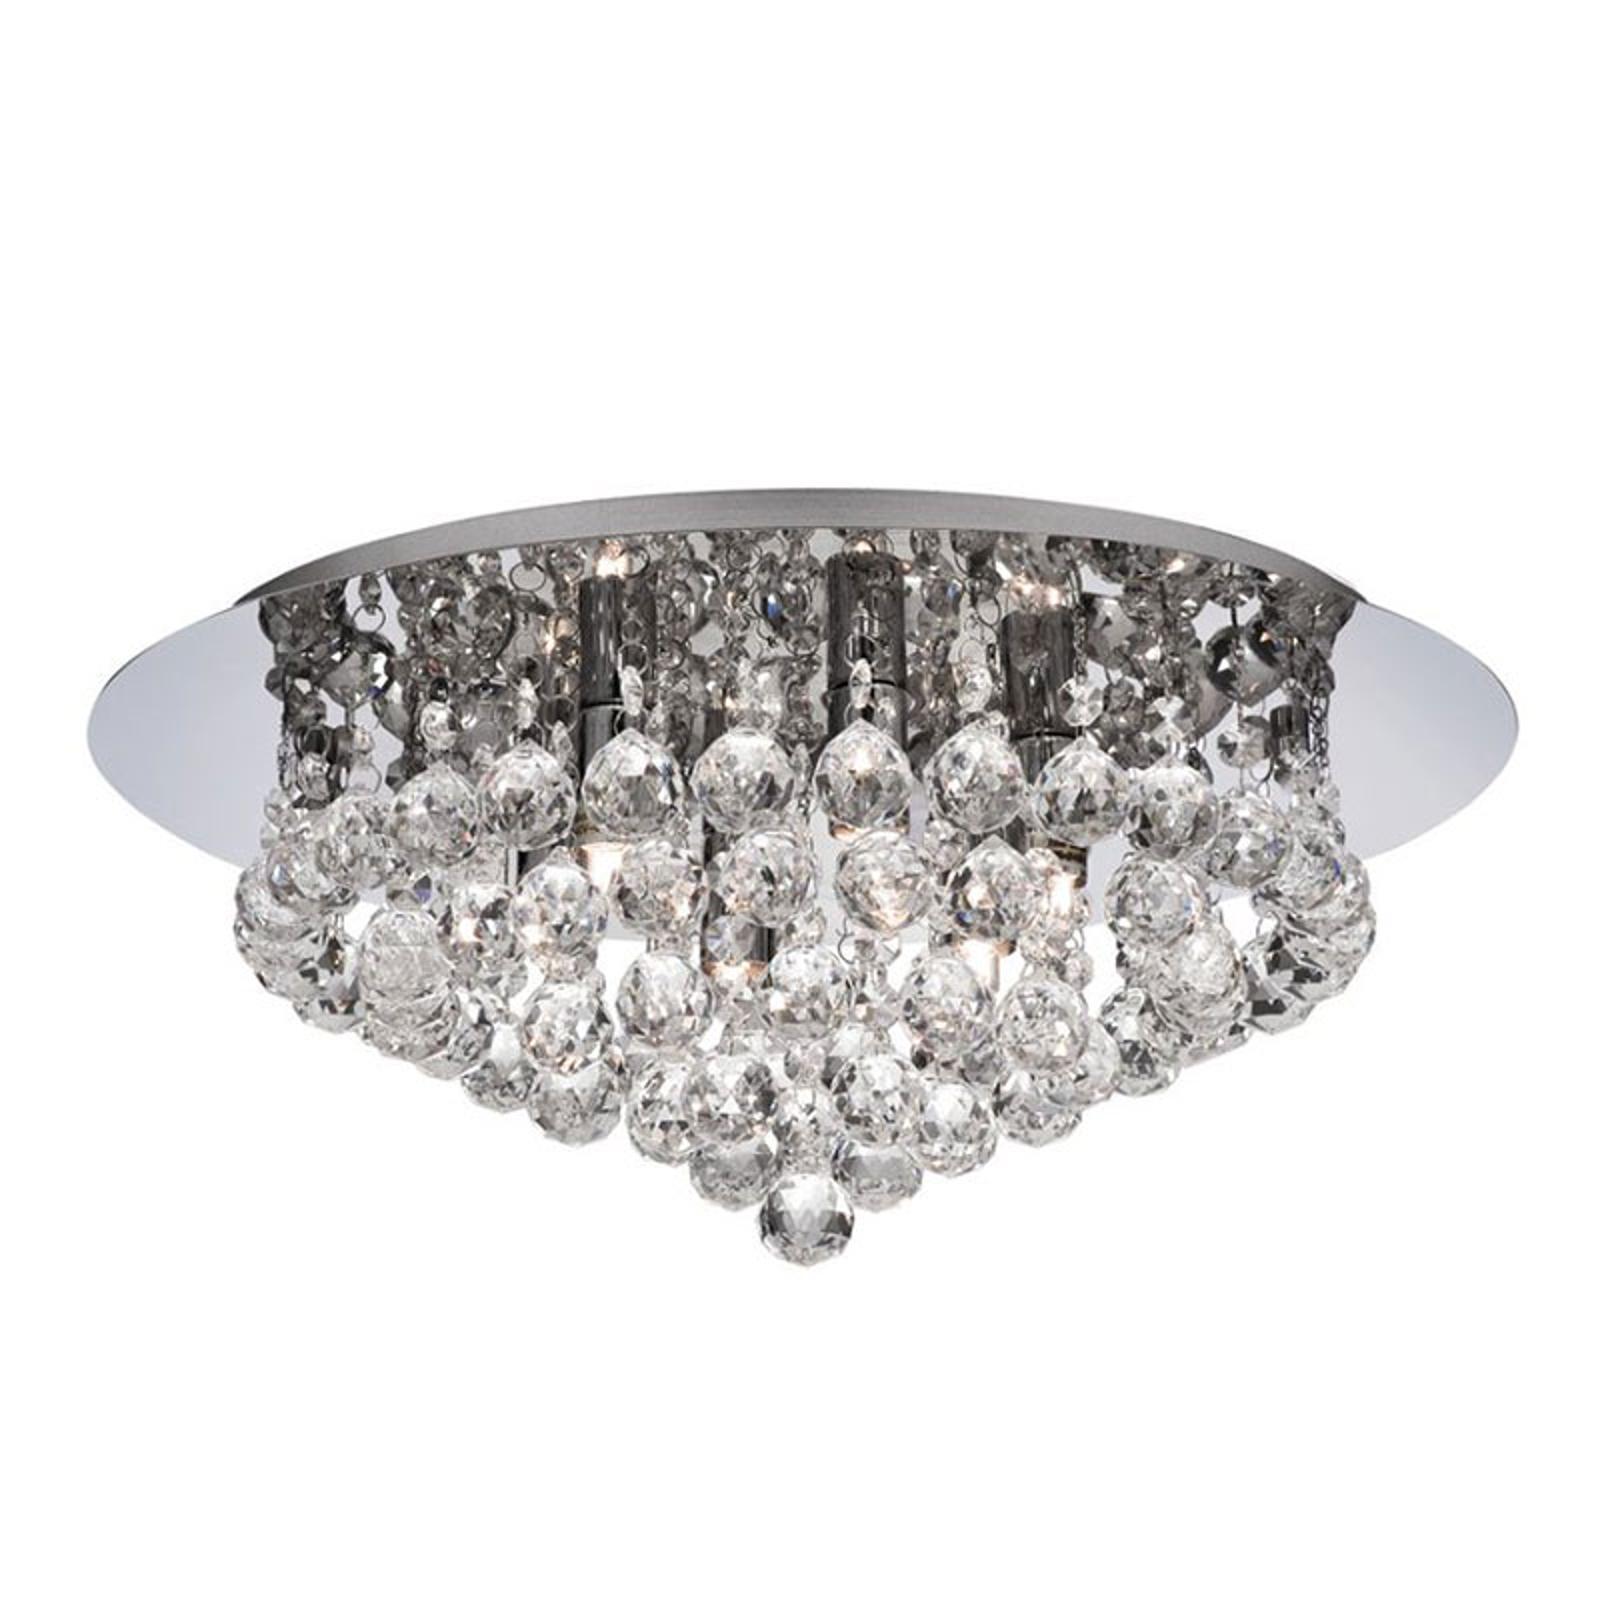 Kattovalaisin Hanna kromi, kristallipallot, 45 cm